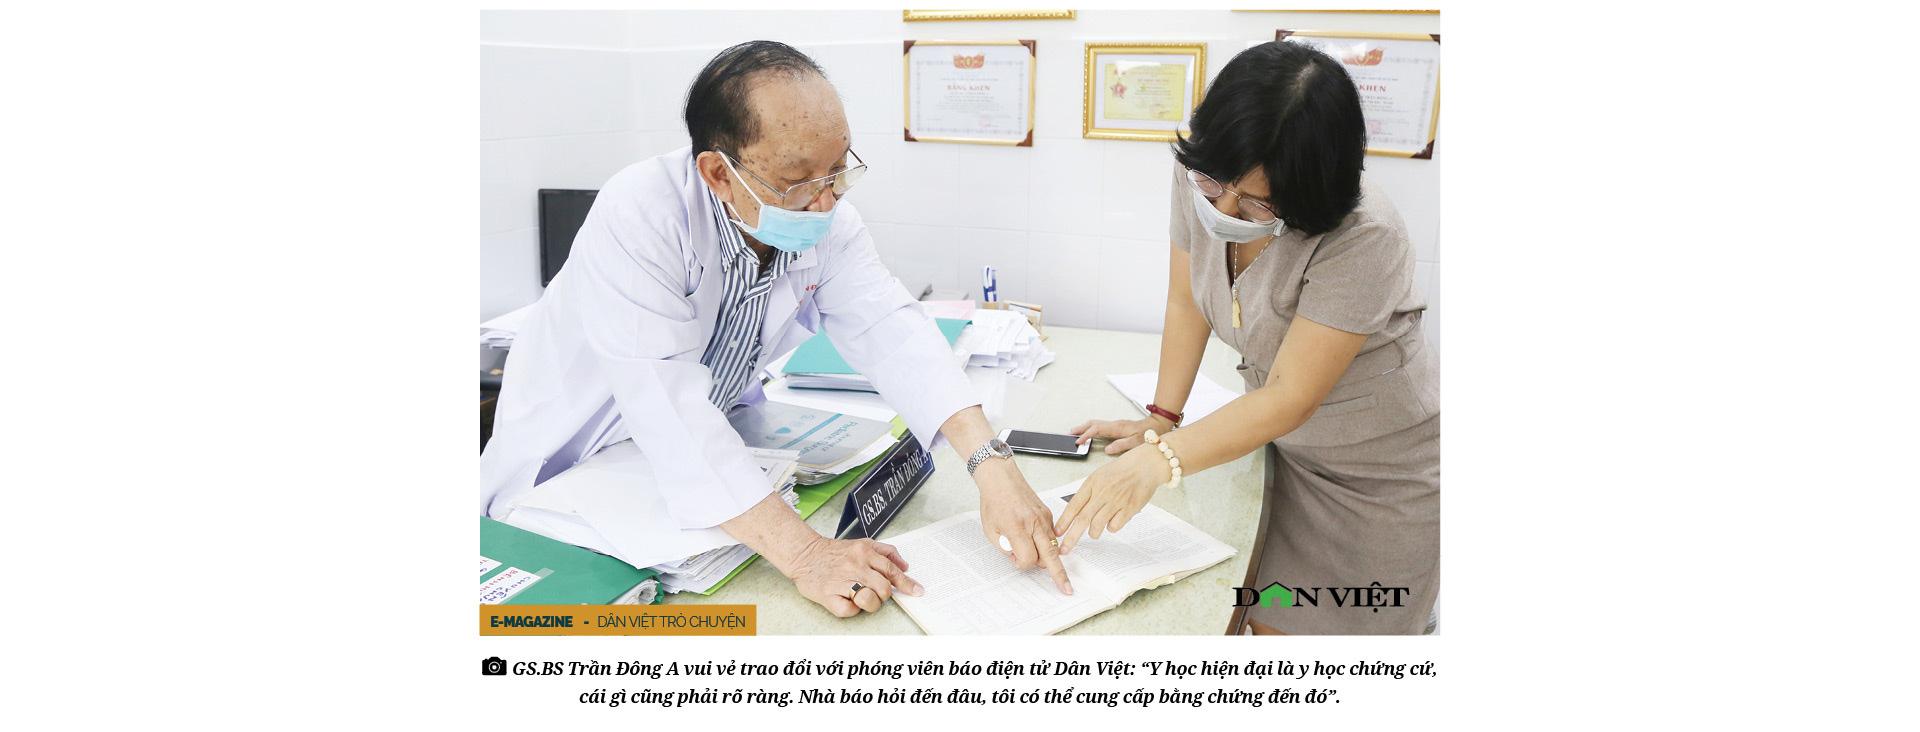 Giáo sư bác sĩ Trần Đông A: Sứ giả hòa giải dân tộc và nụ cười tận hiến - Ảnh 2.